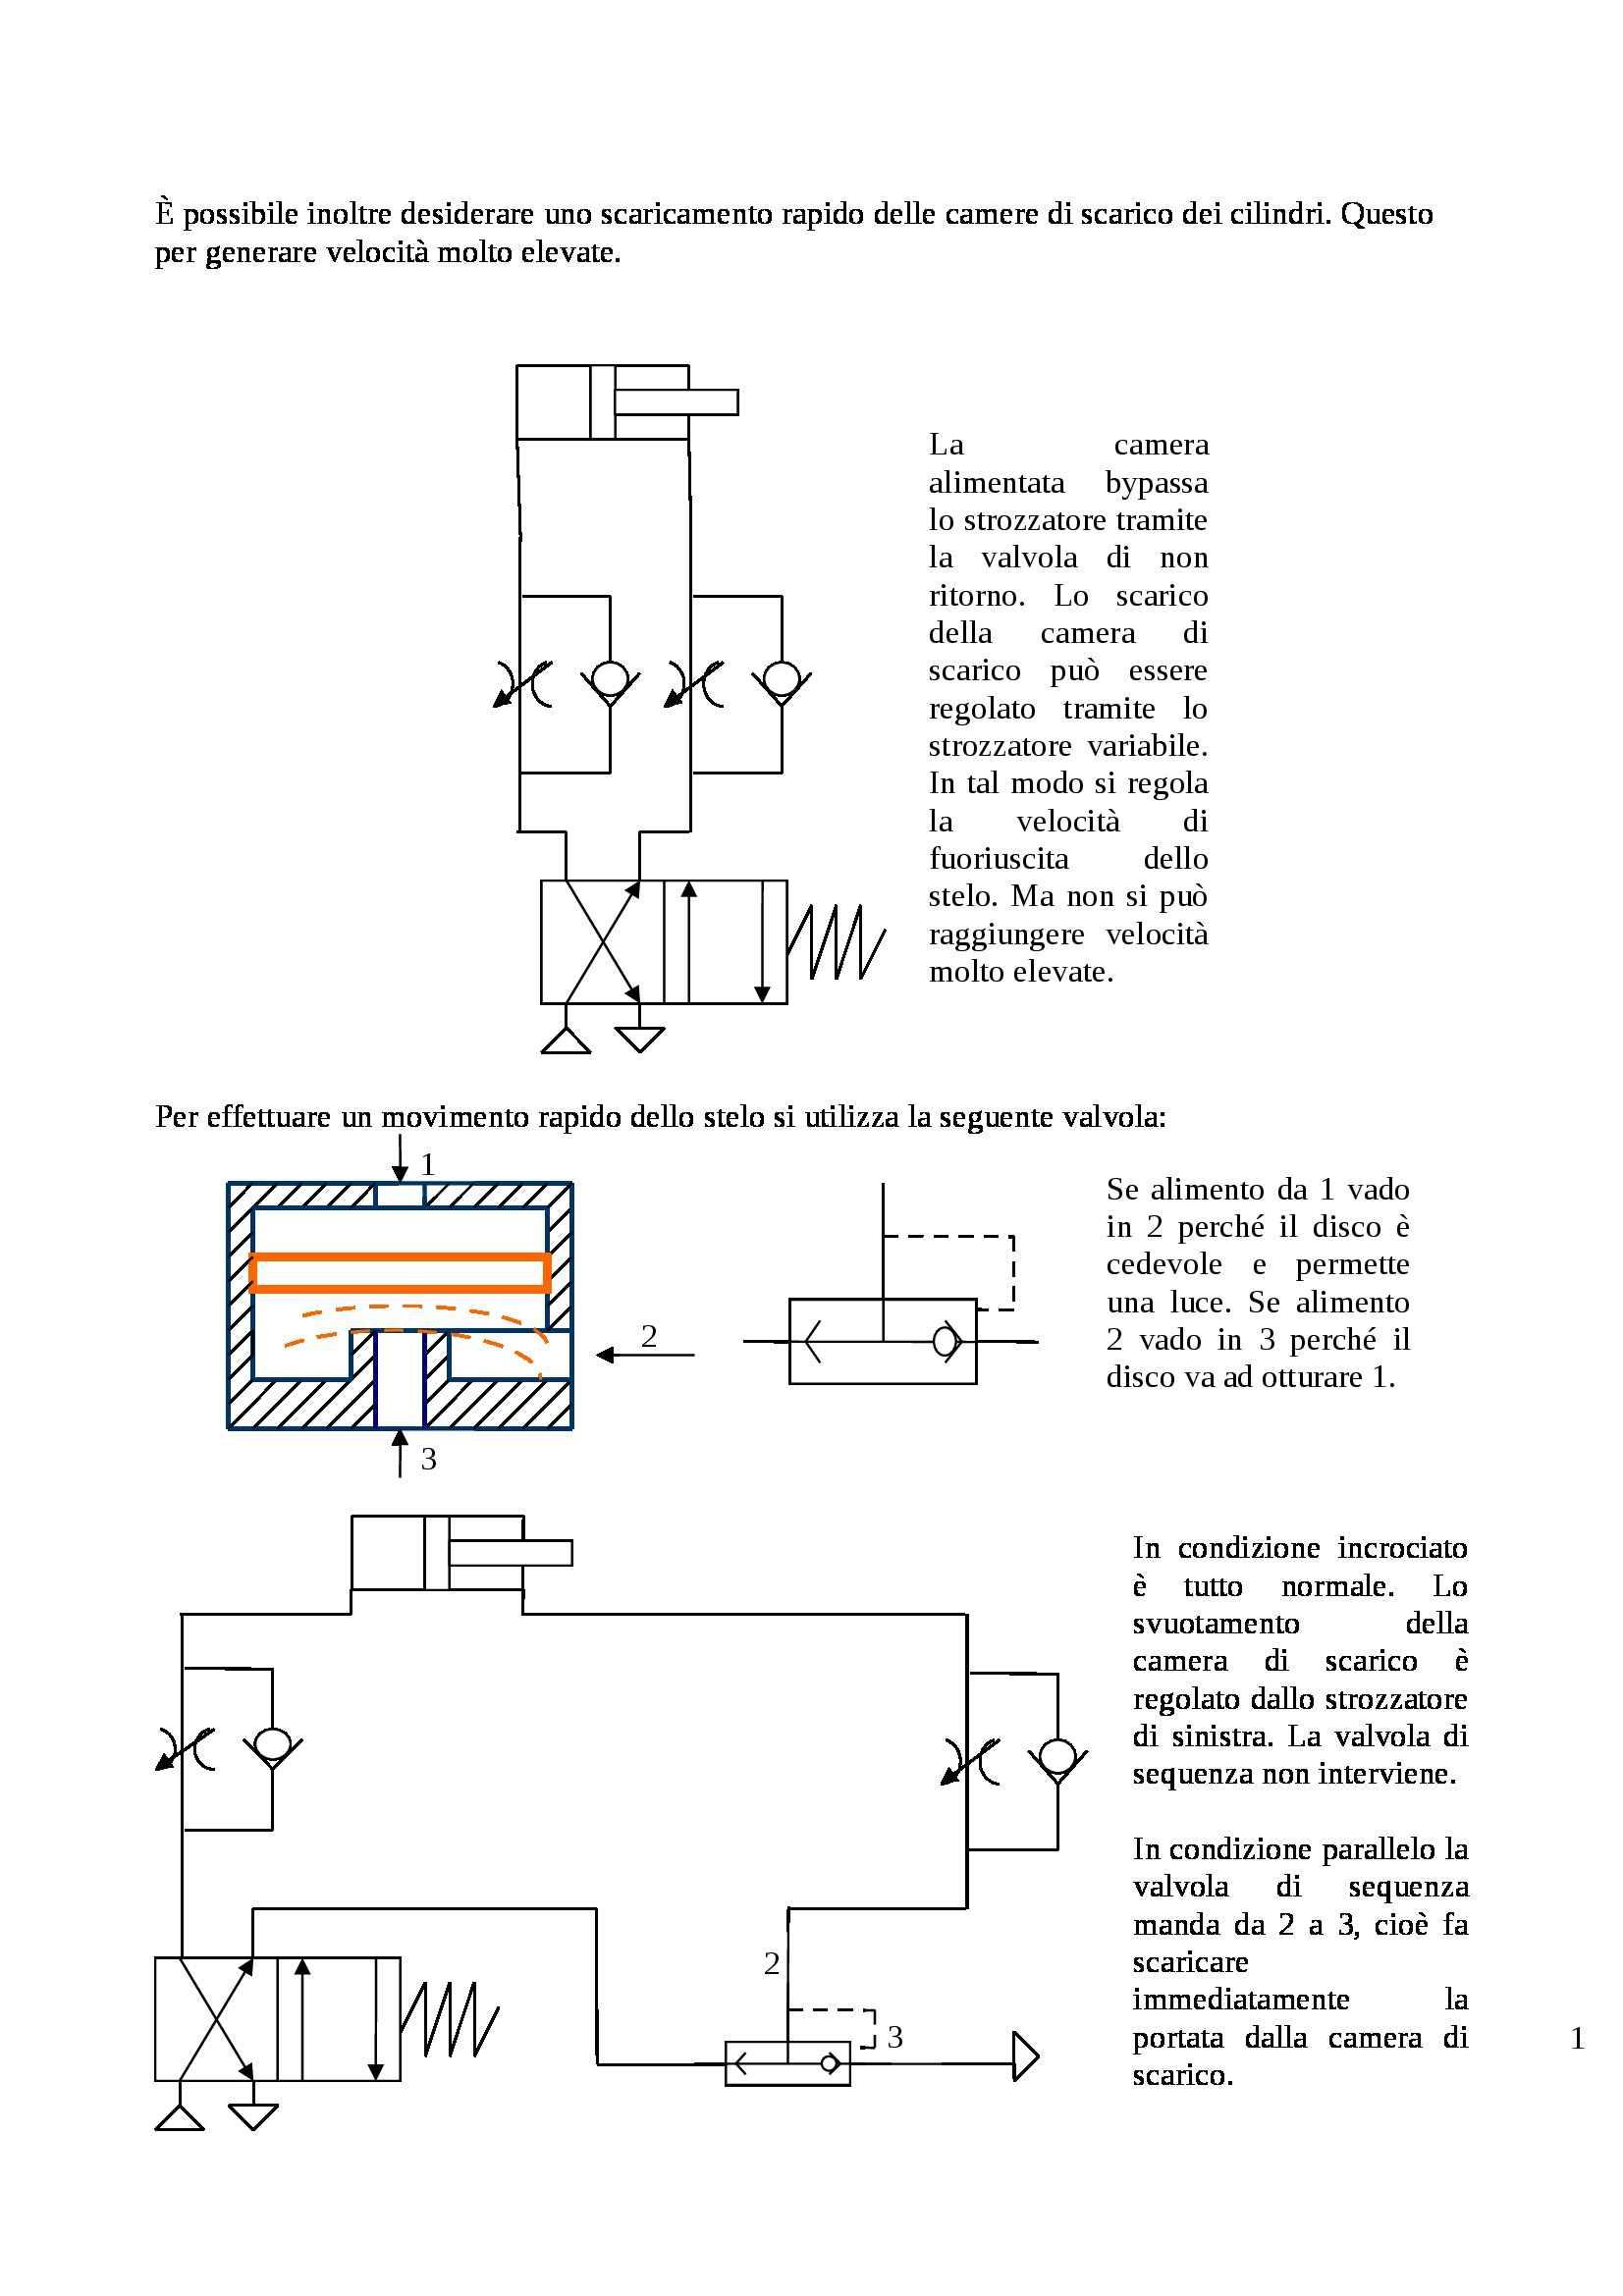 Automazione a fluido Pag. 11